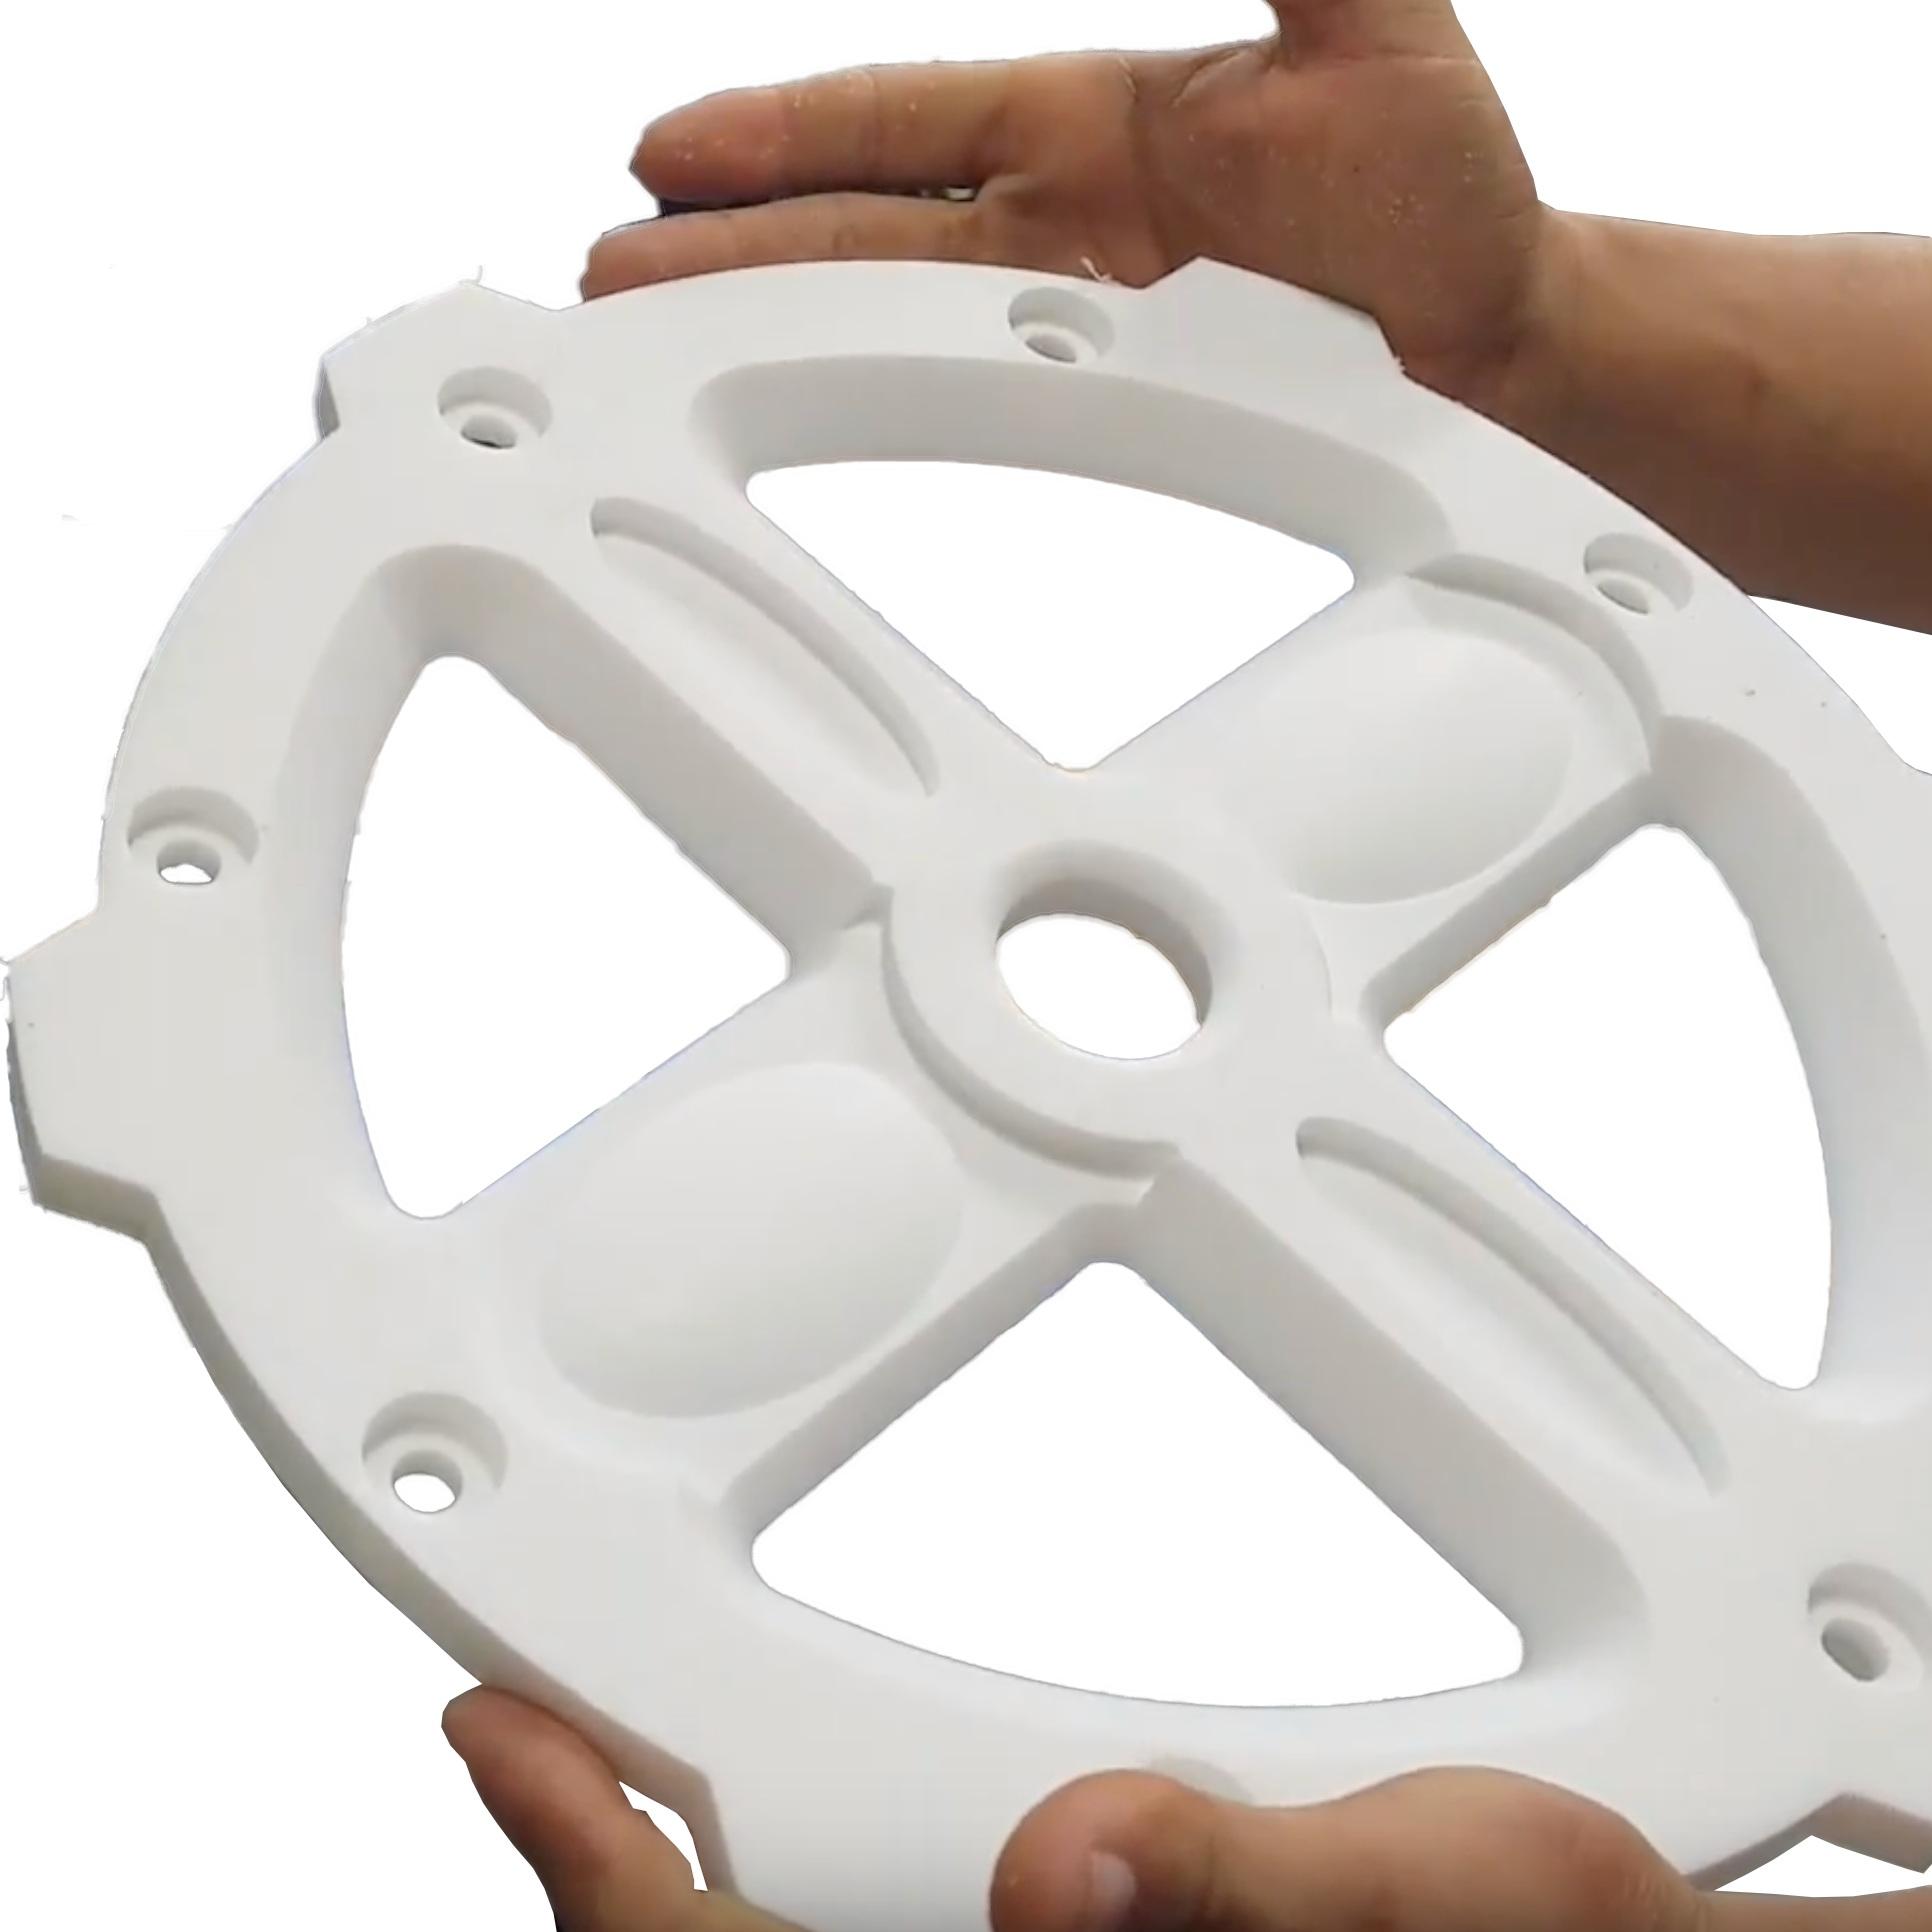 PLASTICS - Plastic MachiningSheetRodUHMWPTFELexanAcrylicPhenolicHDPE